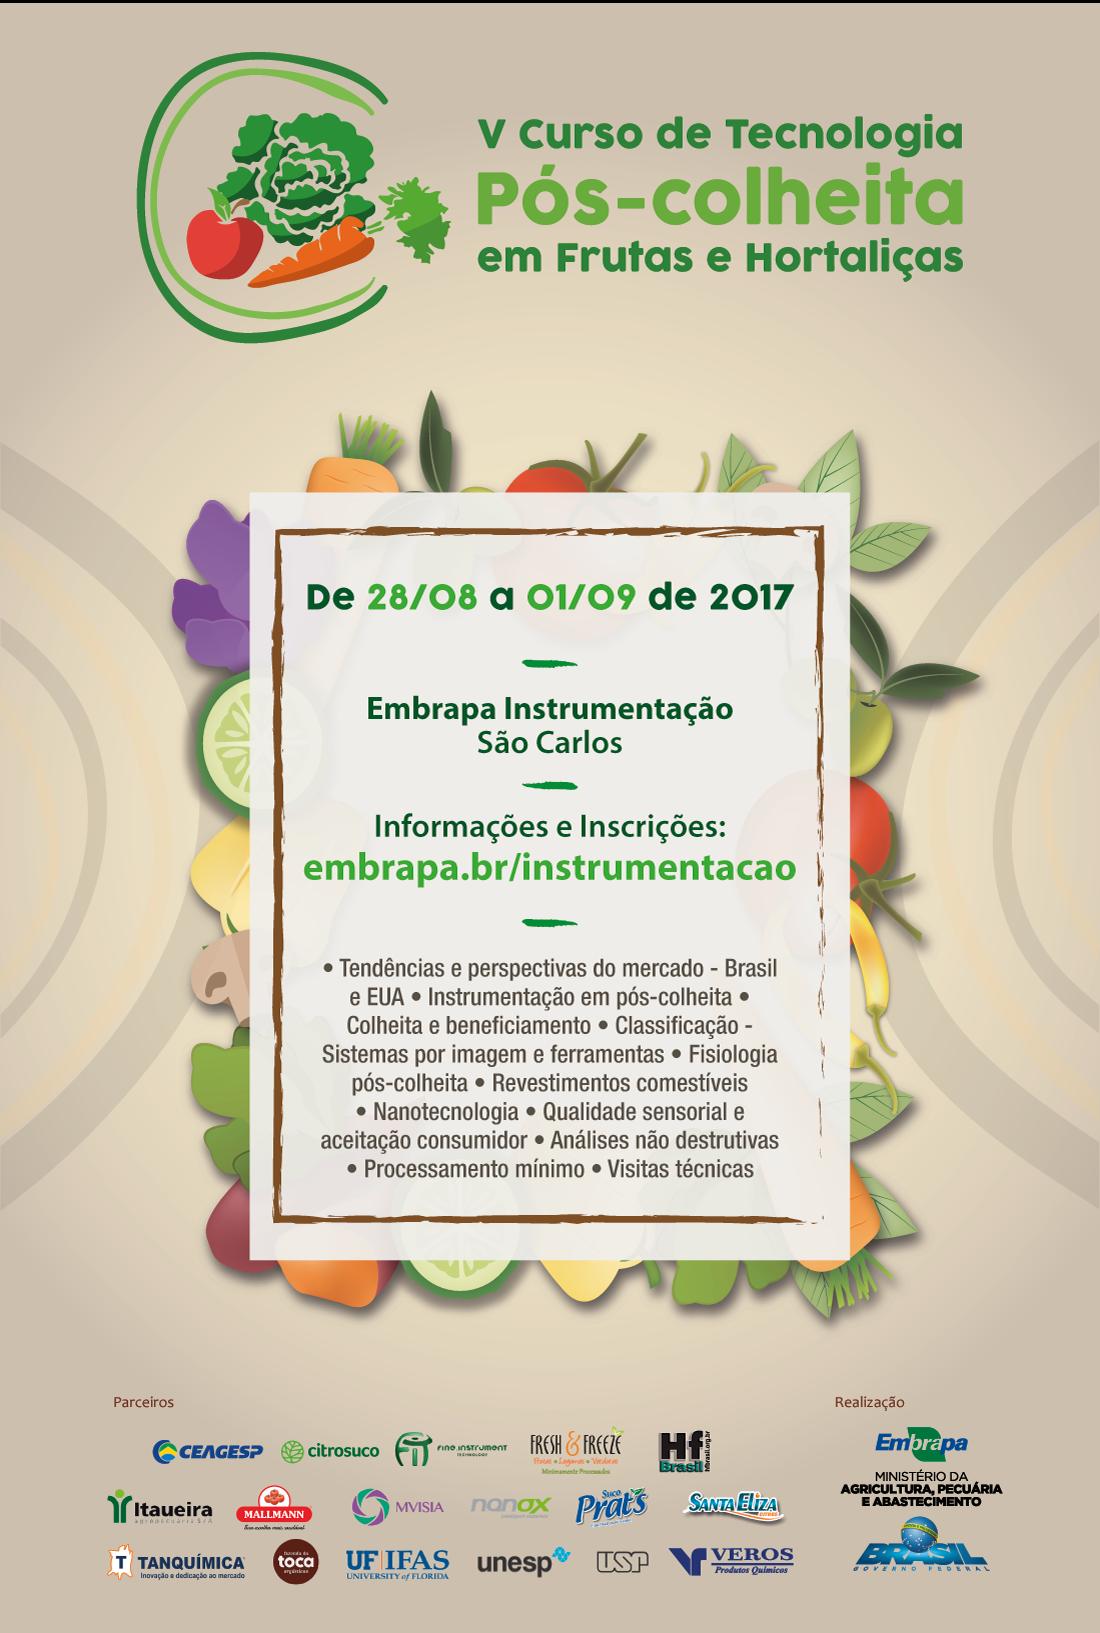 V Curso de Tecnologia Pós-colheita em Frutas e Horlaliças - Informativo